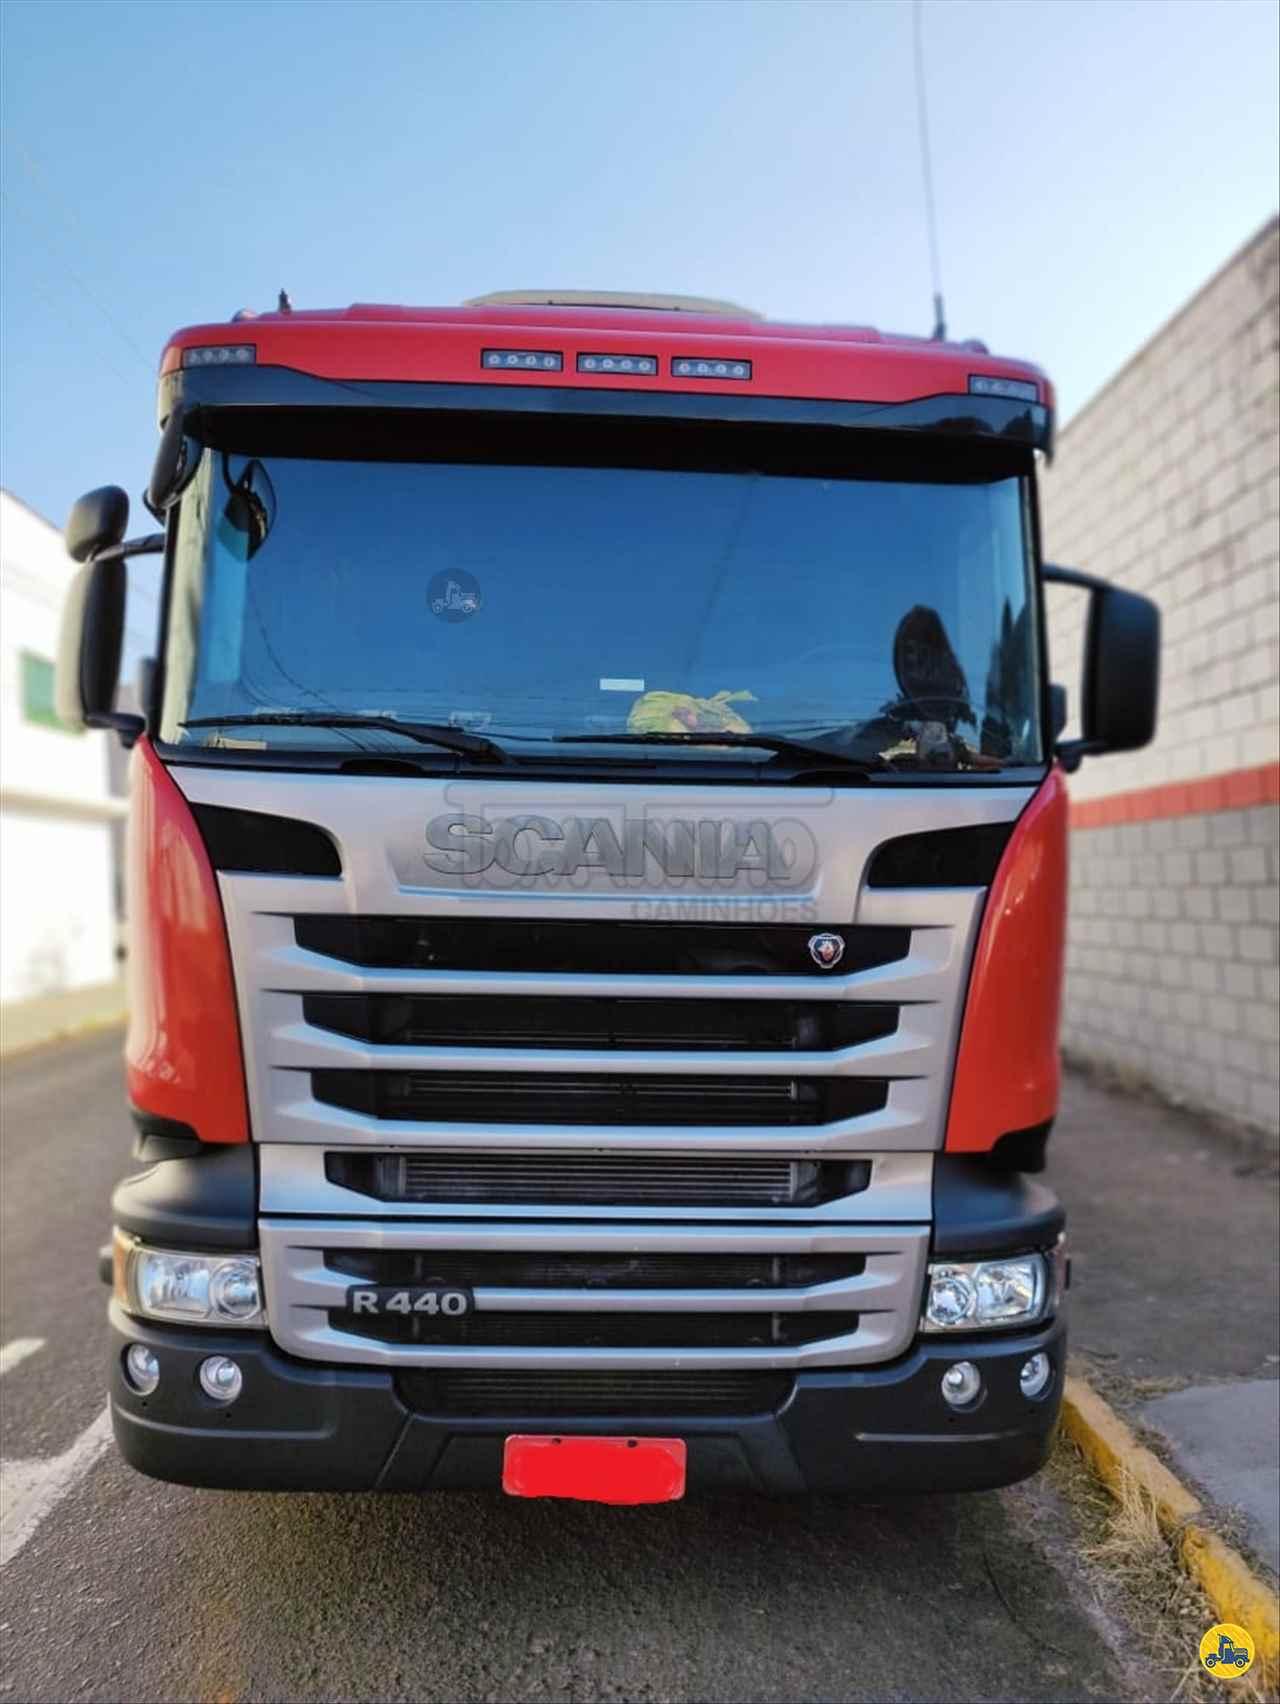 CAMINHAO SCANIA SCANIA 440 Cavalo Mecânico Traçado 6x4 Tomatinho Caminhões BAURU SÃO PAULO SP